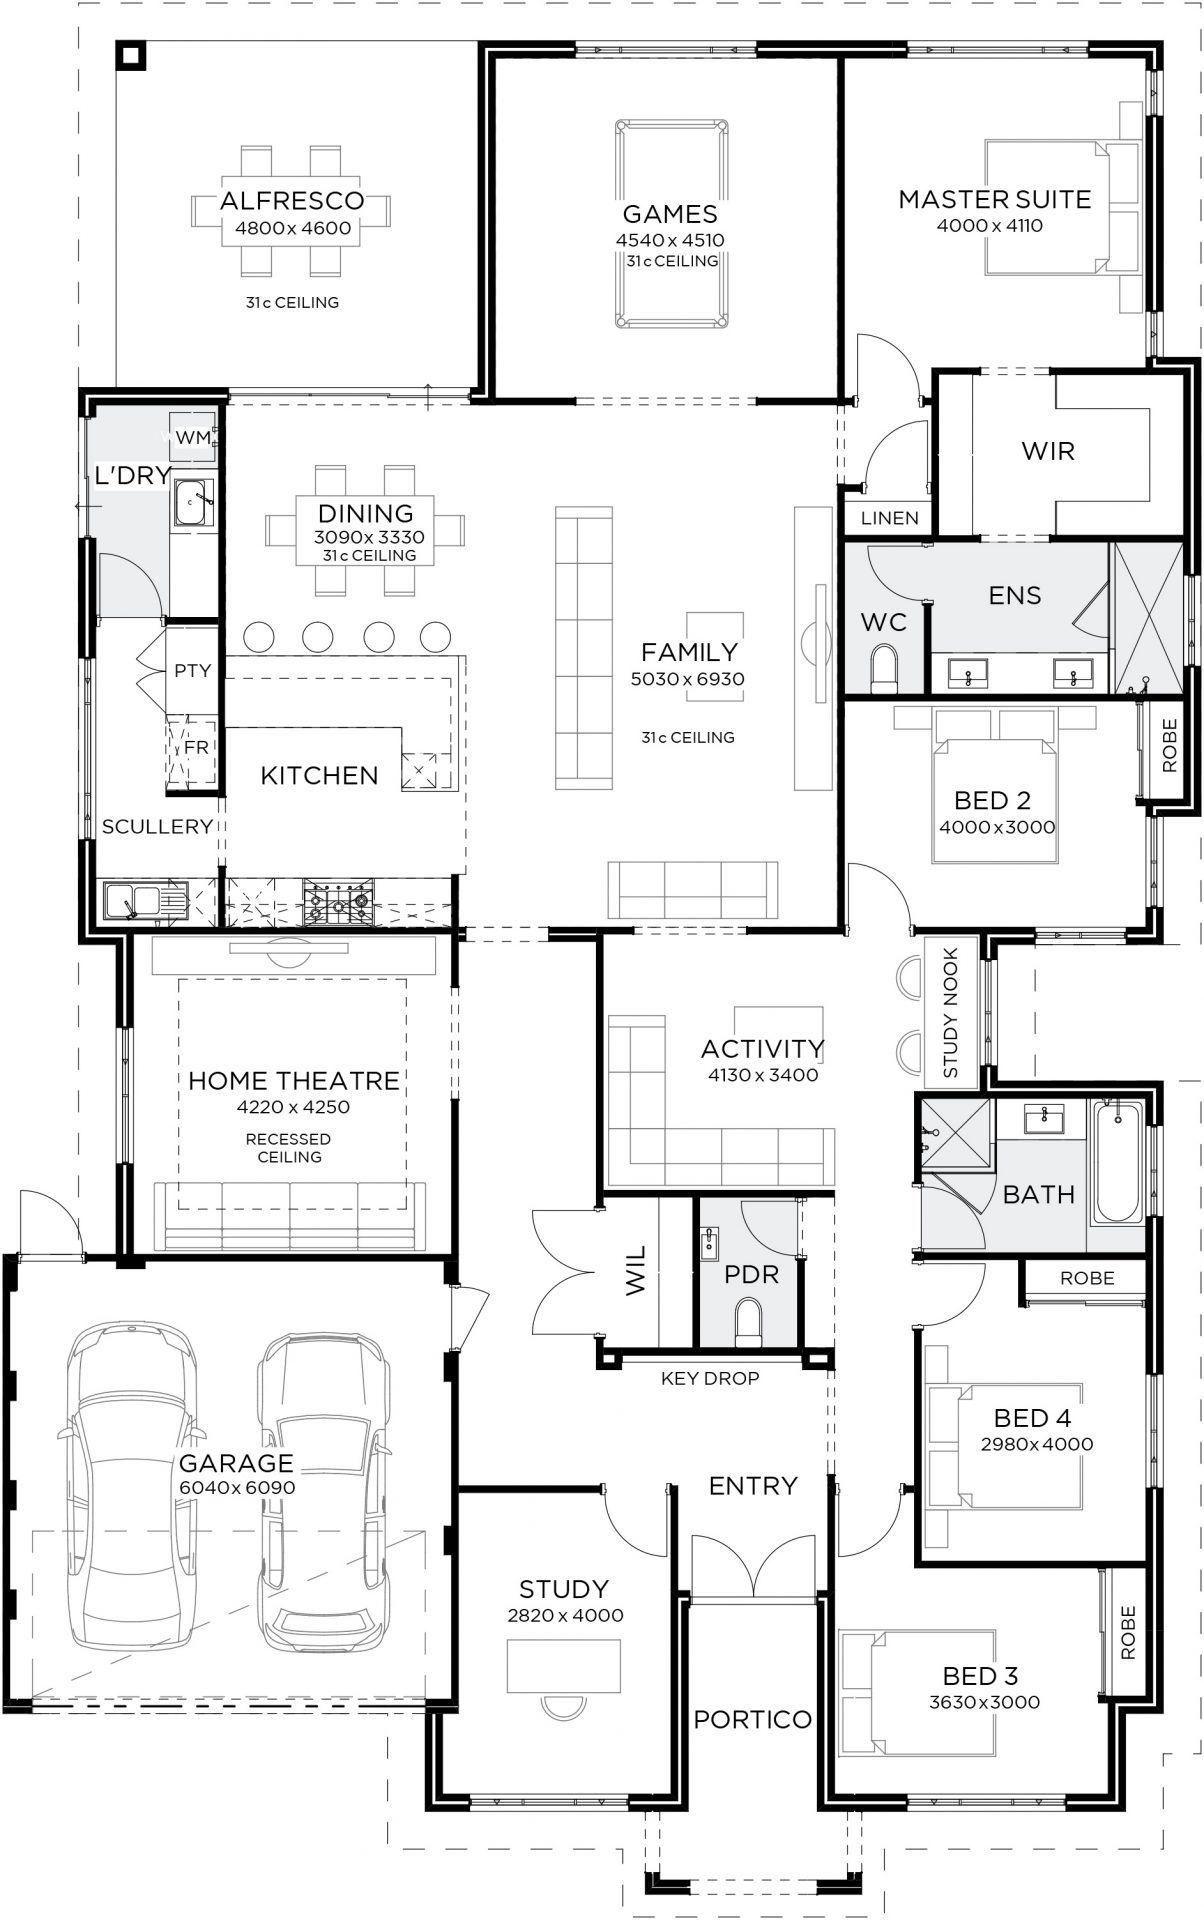 Maison Plan Design Home Design Floor Plans House Layout Plans New House Plans